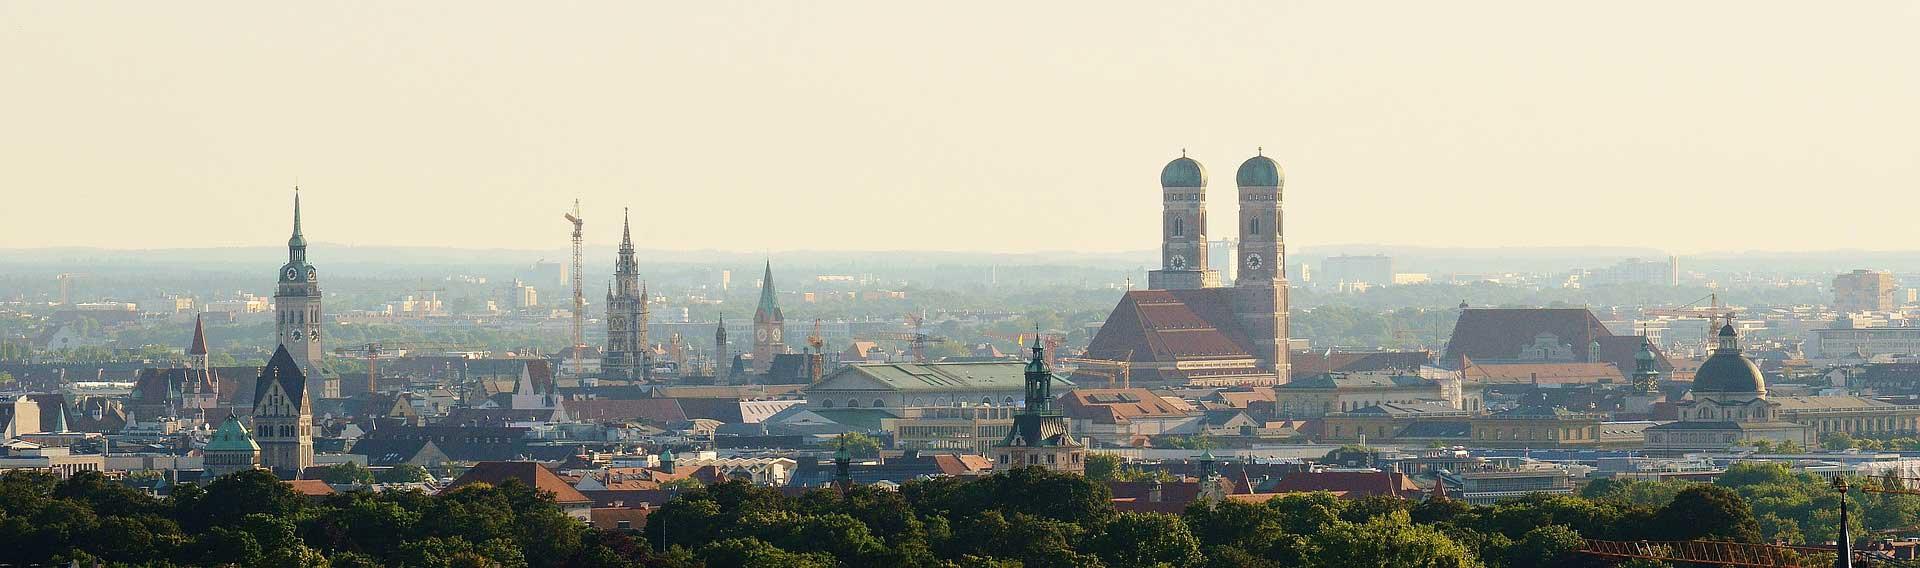 Webseite erstellen lassen München